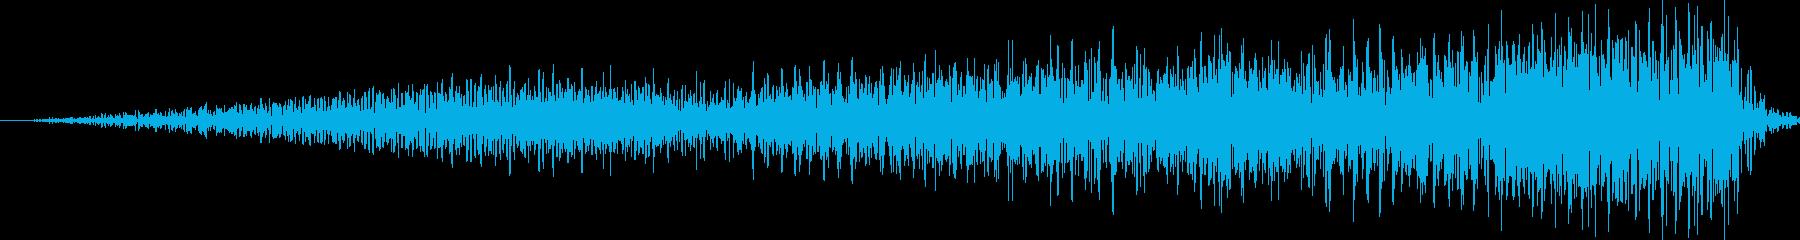 SE 高音ノイズ ギューンUPの再生済みの波形